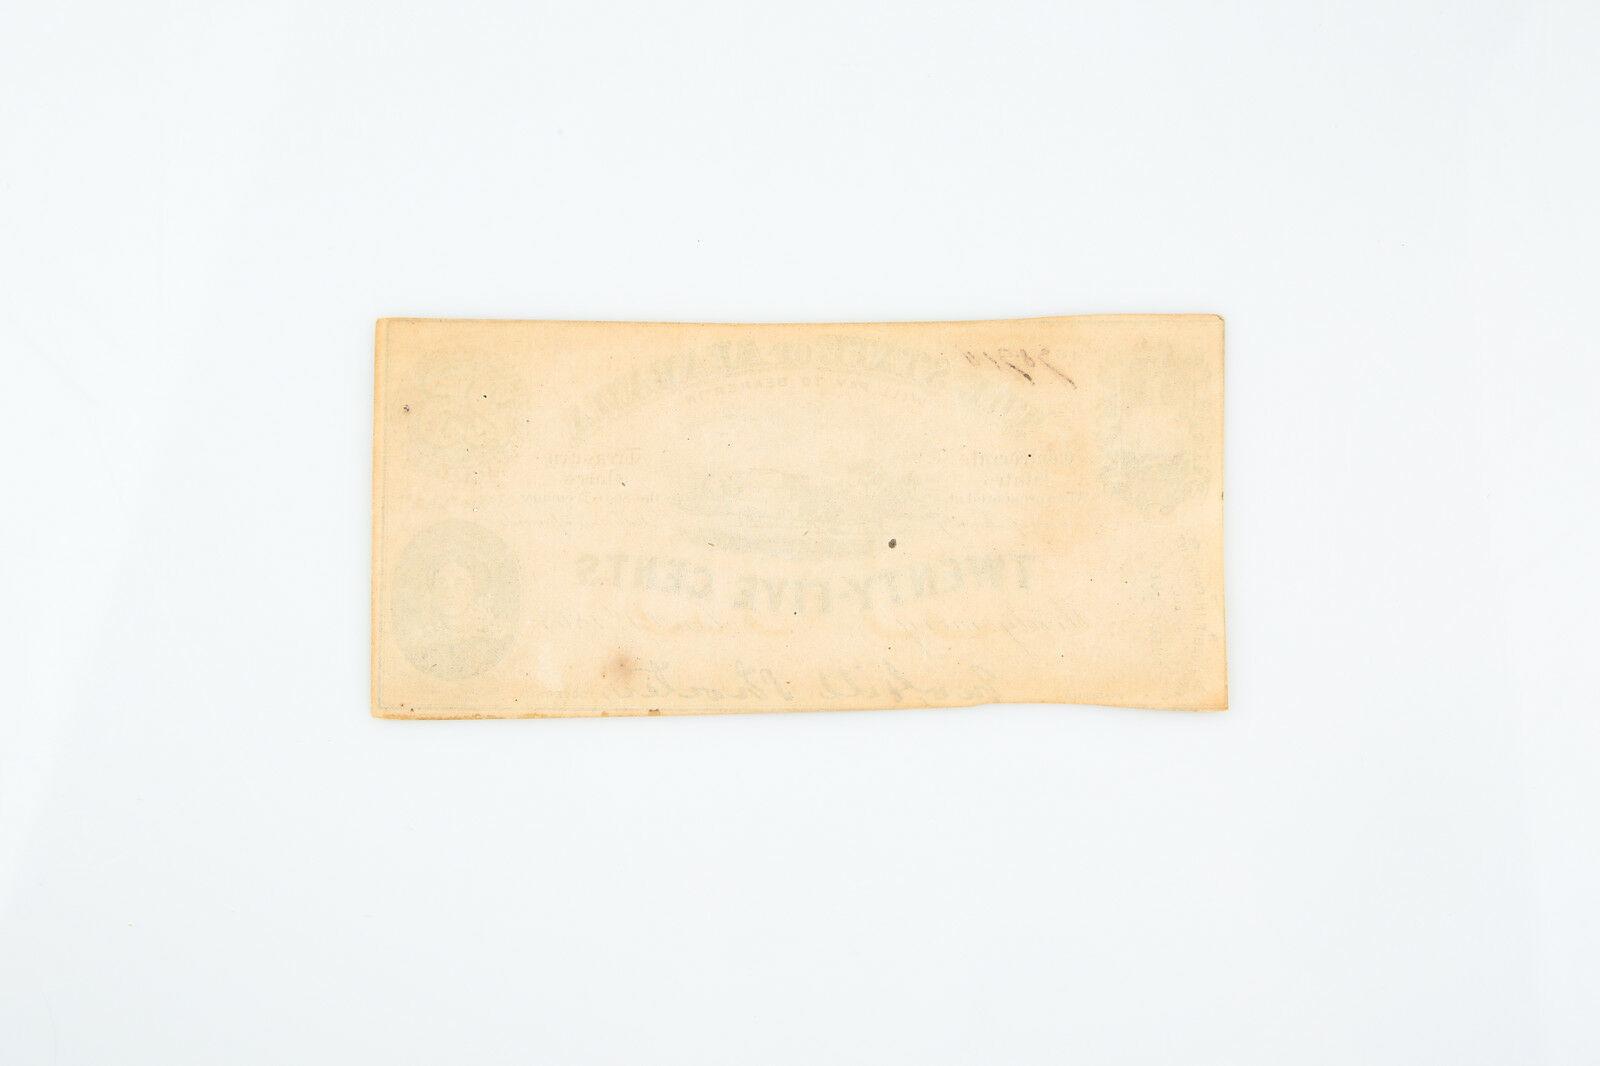 1863 Estado de Alabama Twenty-Five Centavos Confederado Fraccionario Moneda